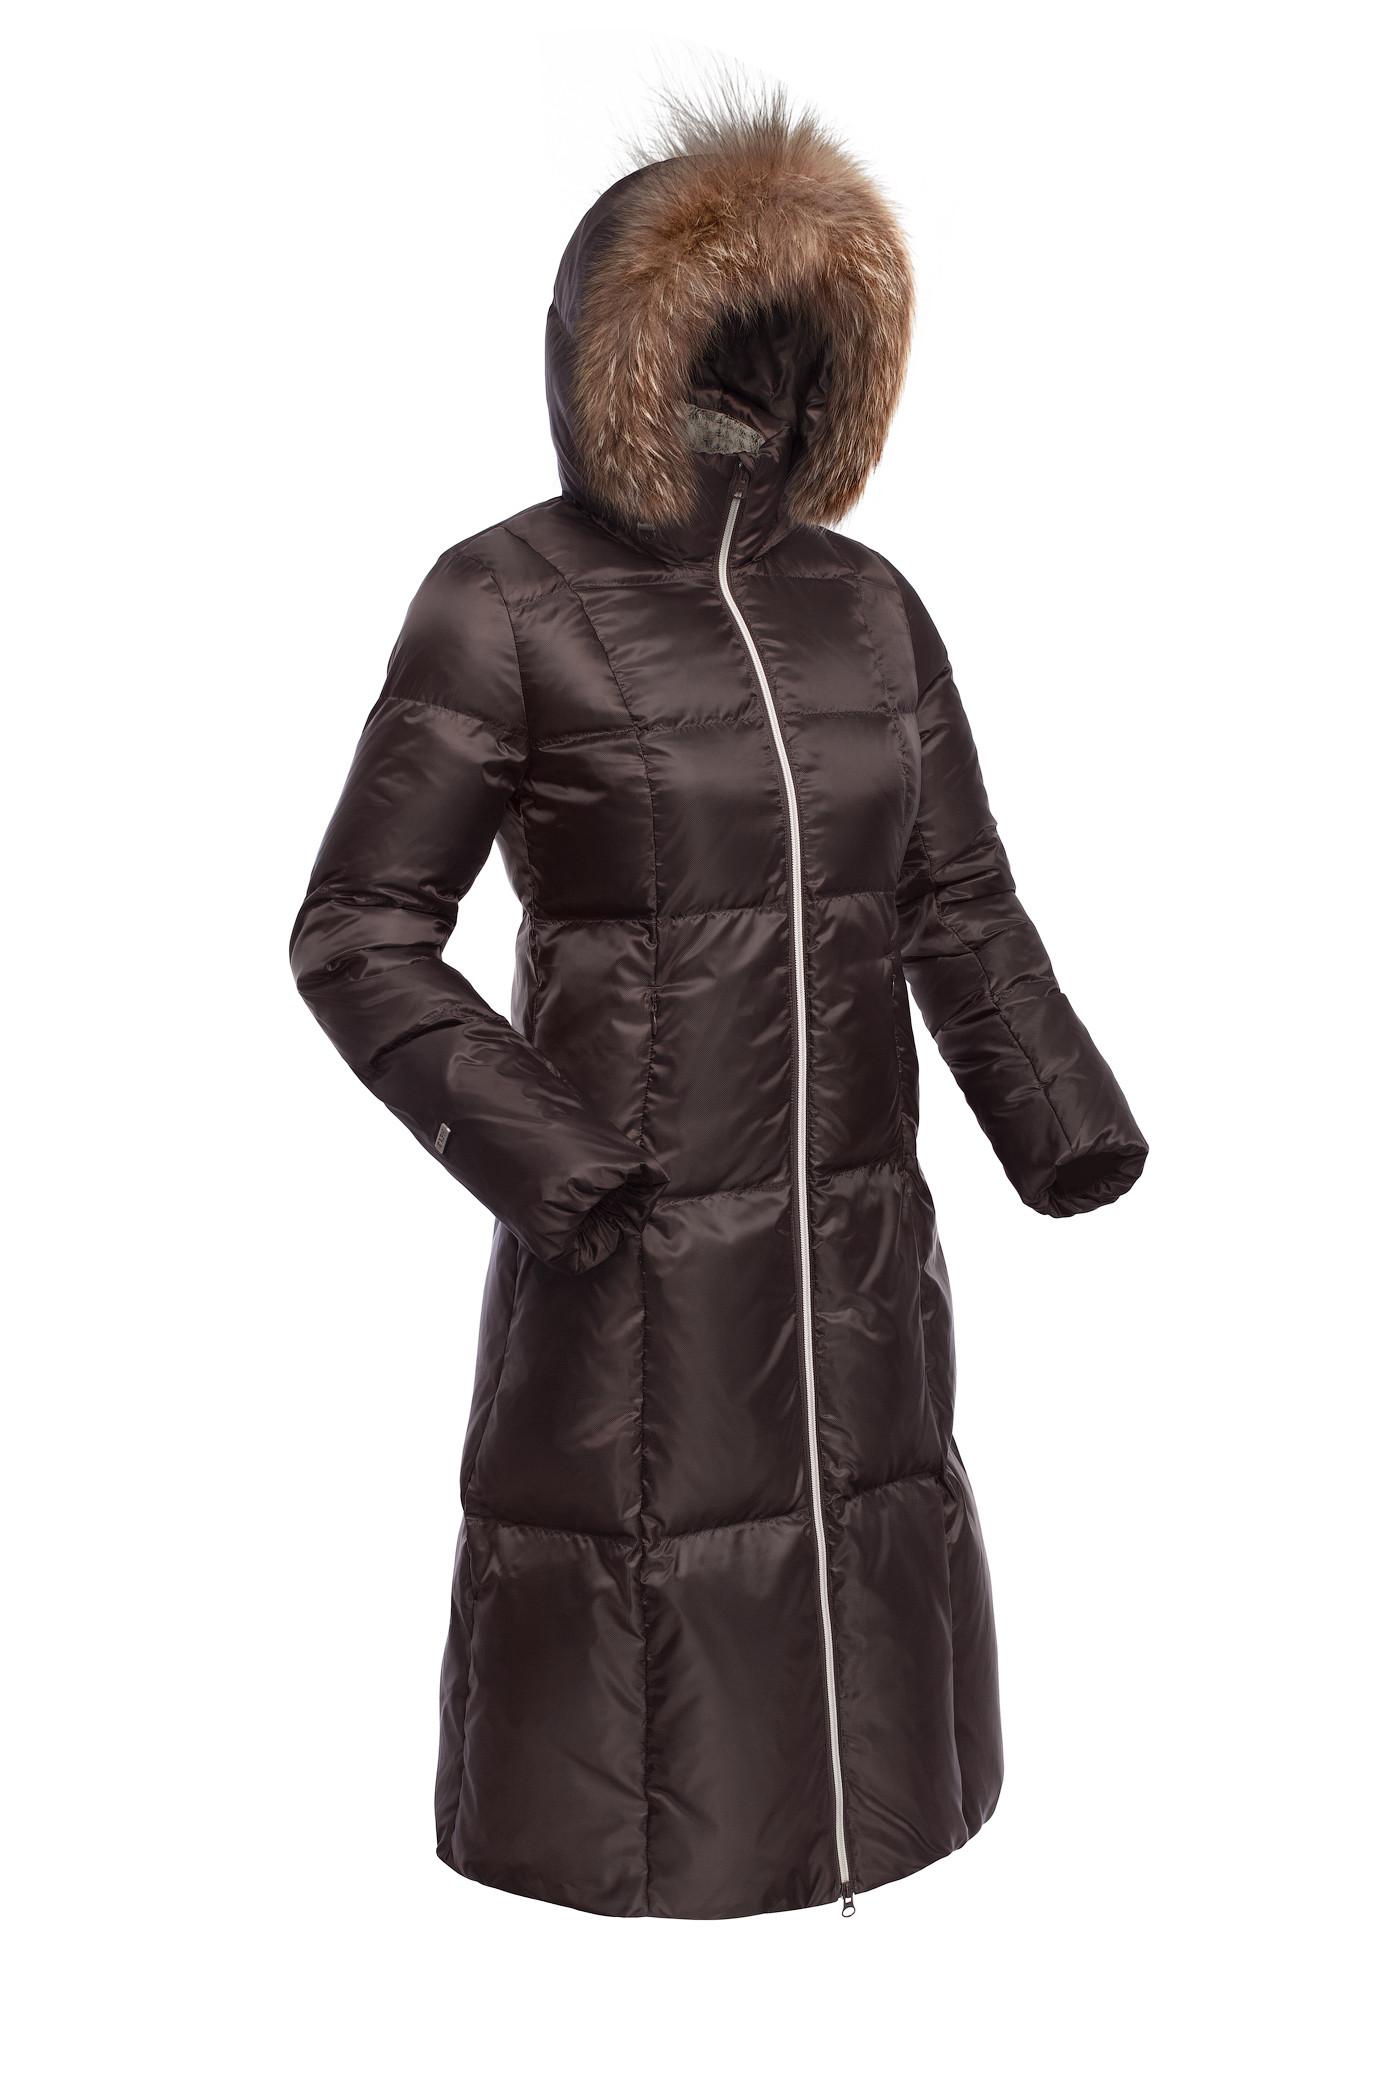 Пальто пуховое женское BASK DANA темный бордо, Пальто - арт. 995970409